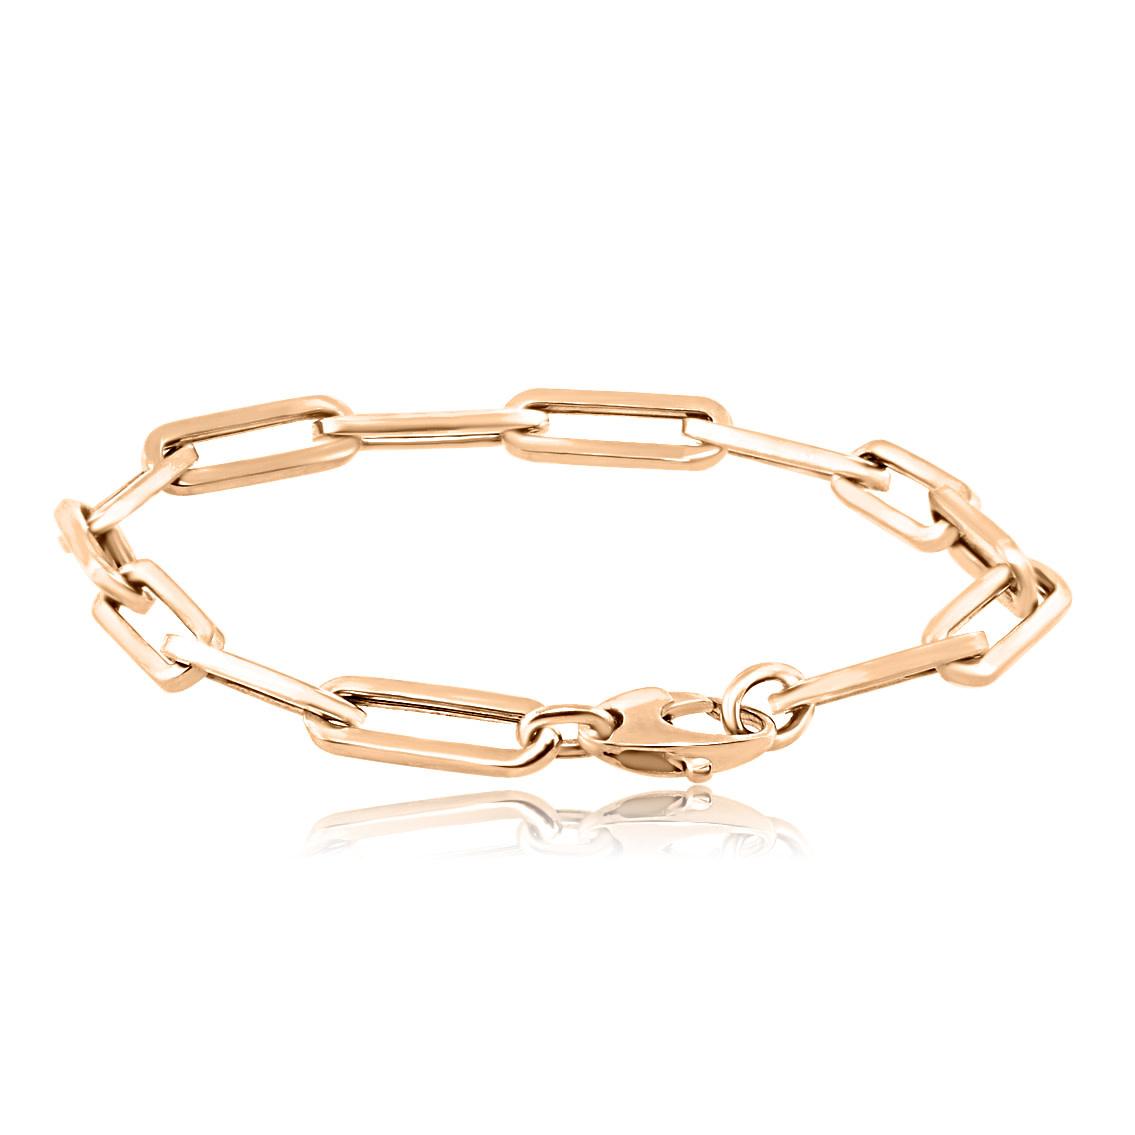 Trabert Goldsmiths Large Oval Link Rose Gold Bracelet